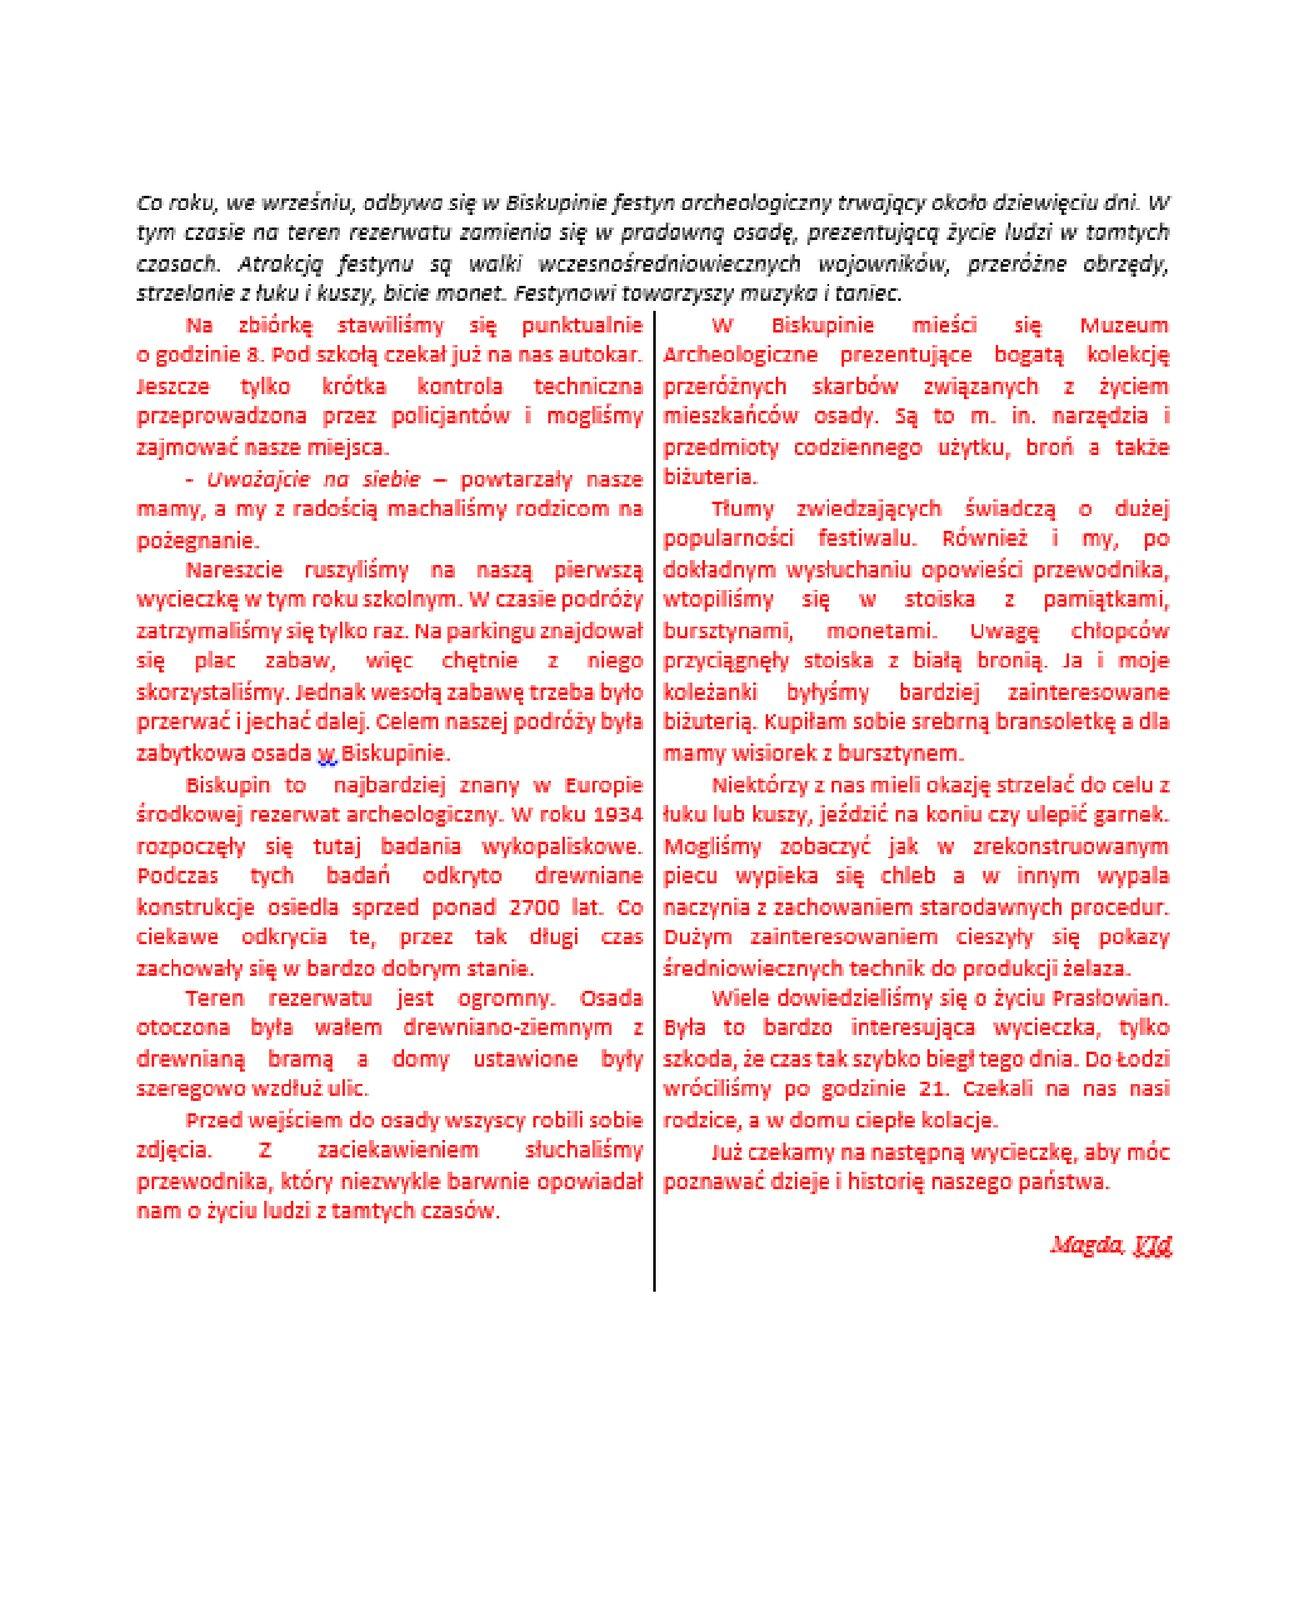 Zrzut dokumentu ztekstem podzielonym na dwie kolumny